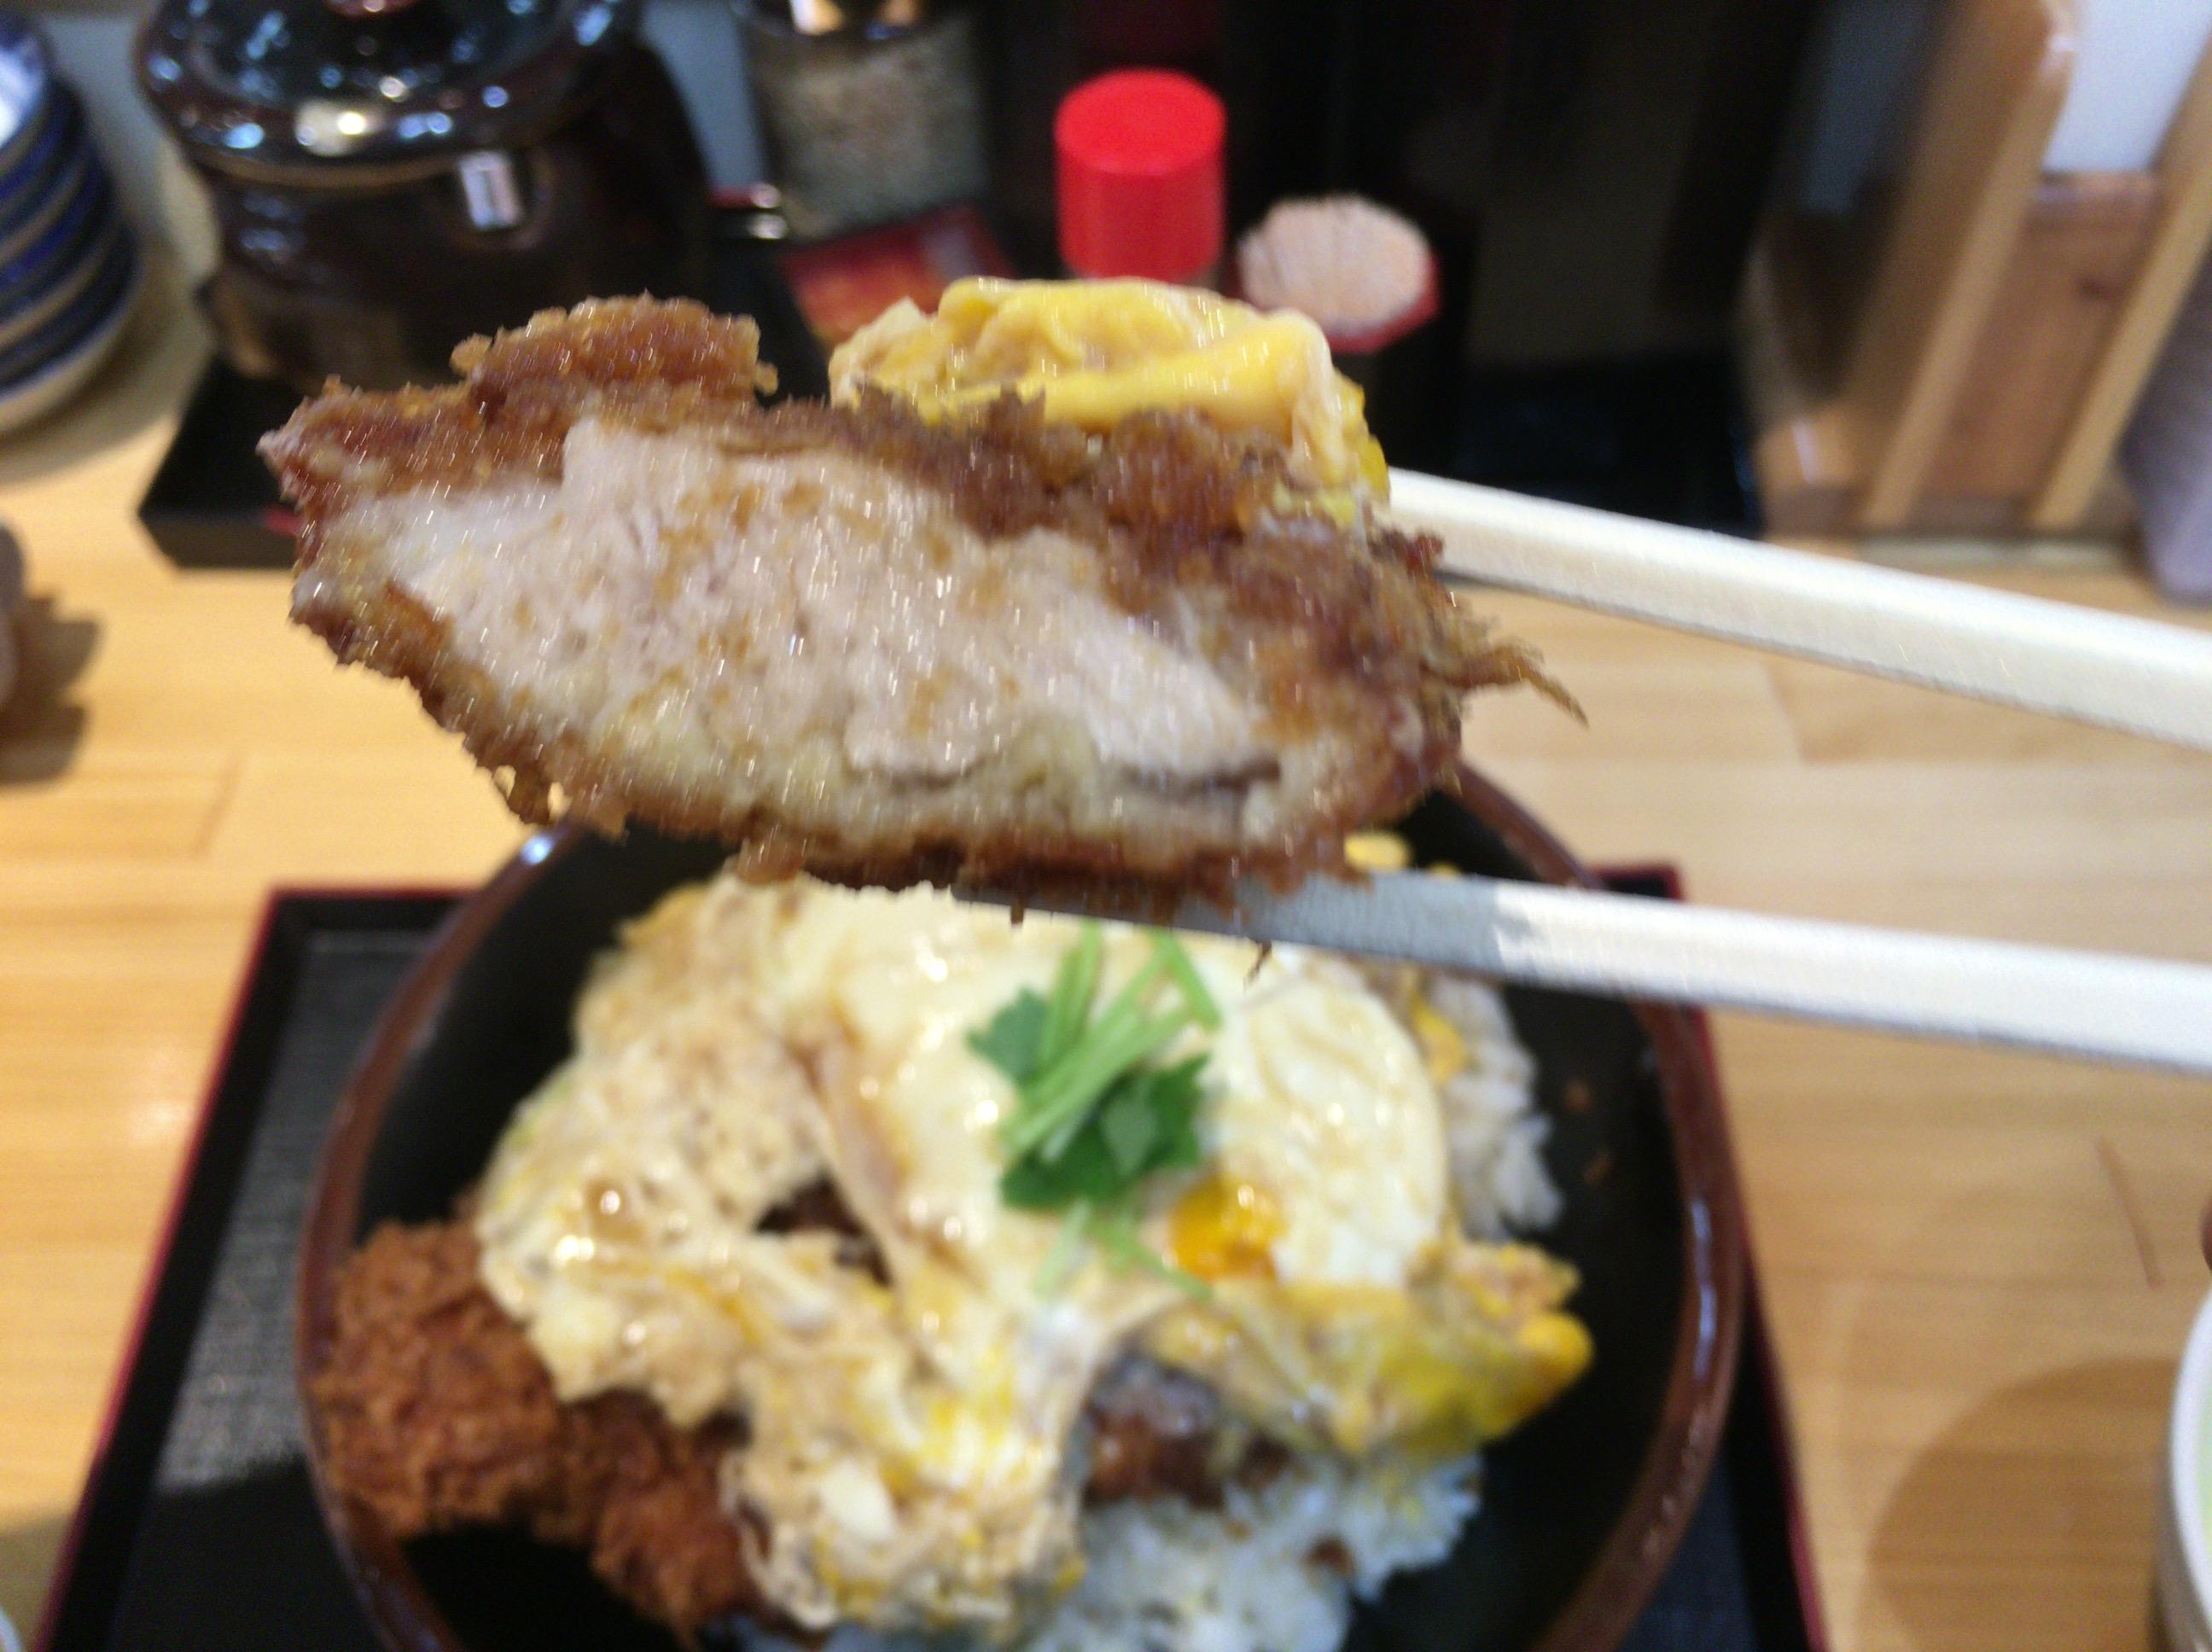 西条のカツ丼の雄は「ごかく」だけにあらず!カツ丼&とんかつ専門店「かつ福」に行ってきました!